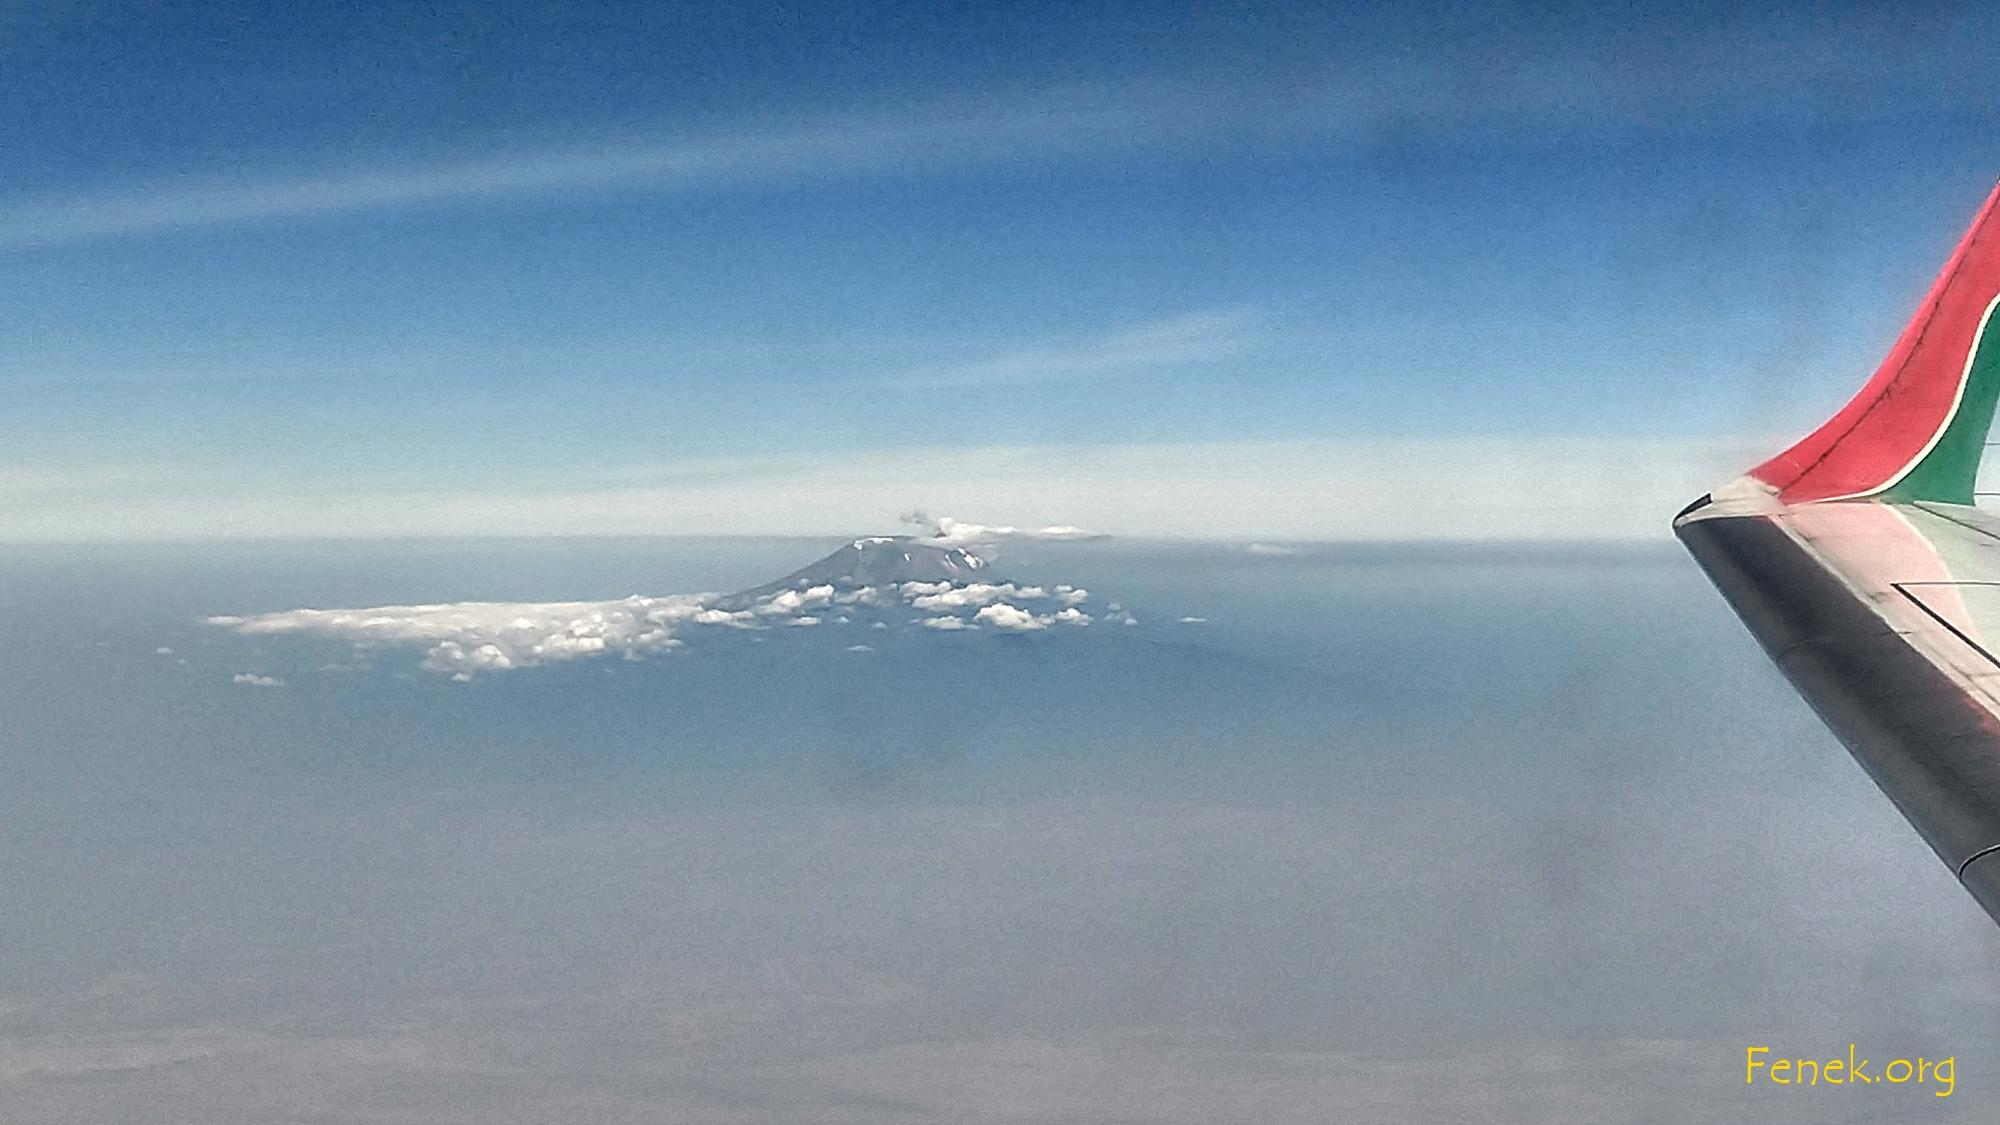 Heimreise - ein letzter Blick auf den Kilimanjaro